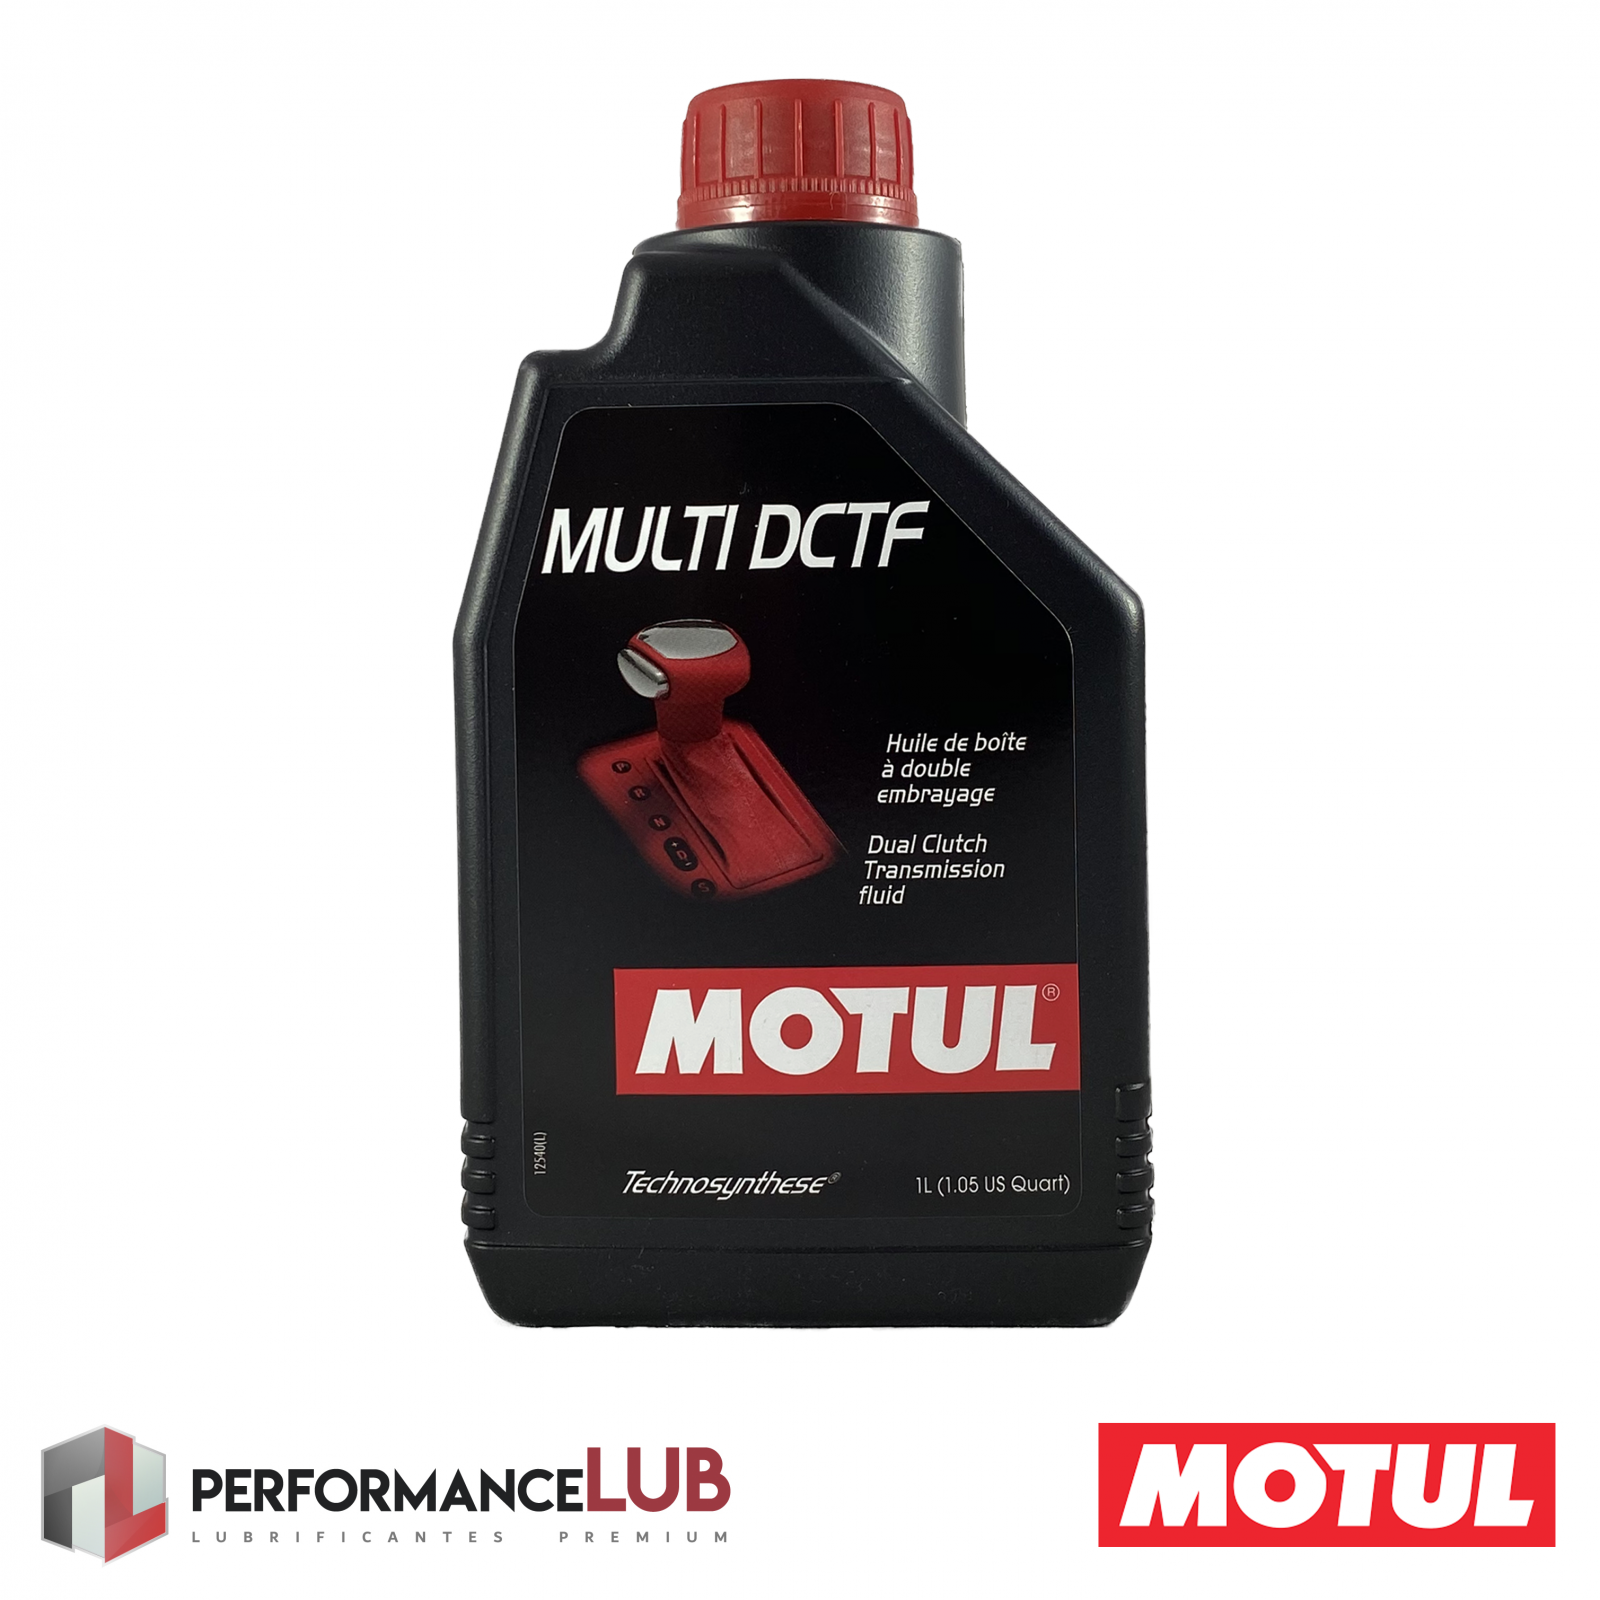 Multi DCTF - API GL-4 - 1 litro - PerformanceLUB Lubrificantes Premium